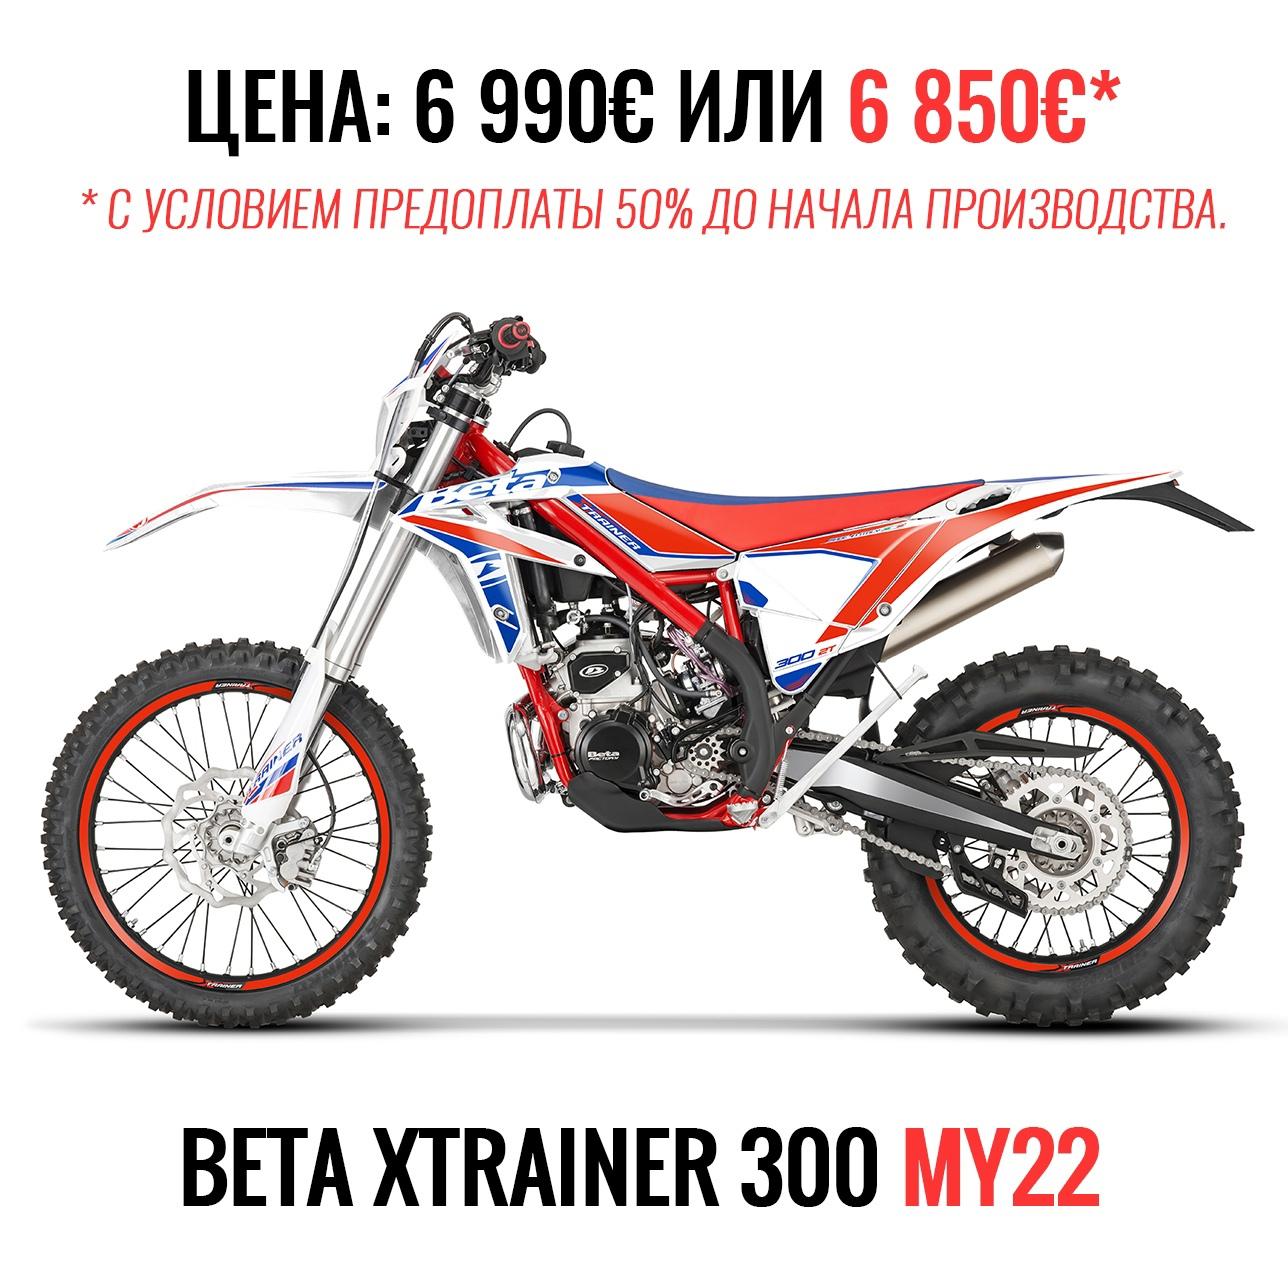 Новый Beta XTrainer 2022, изображение №1